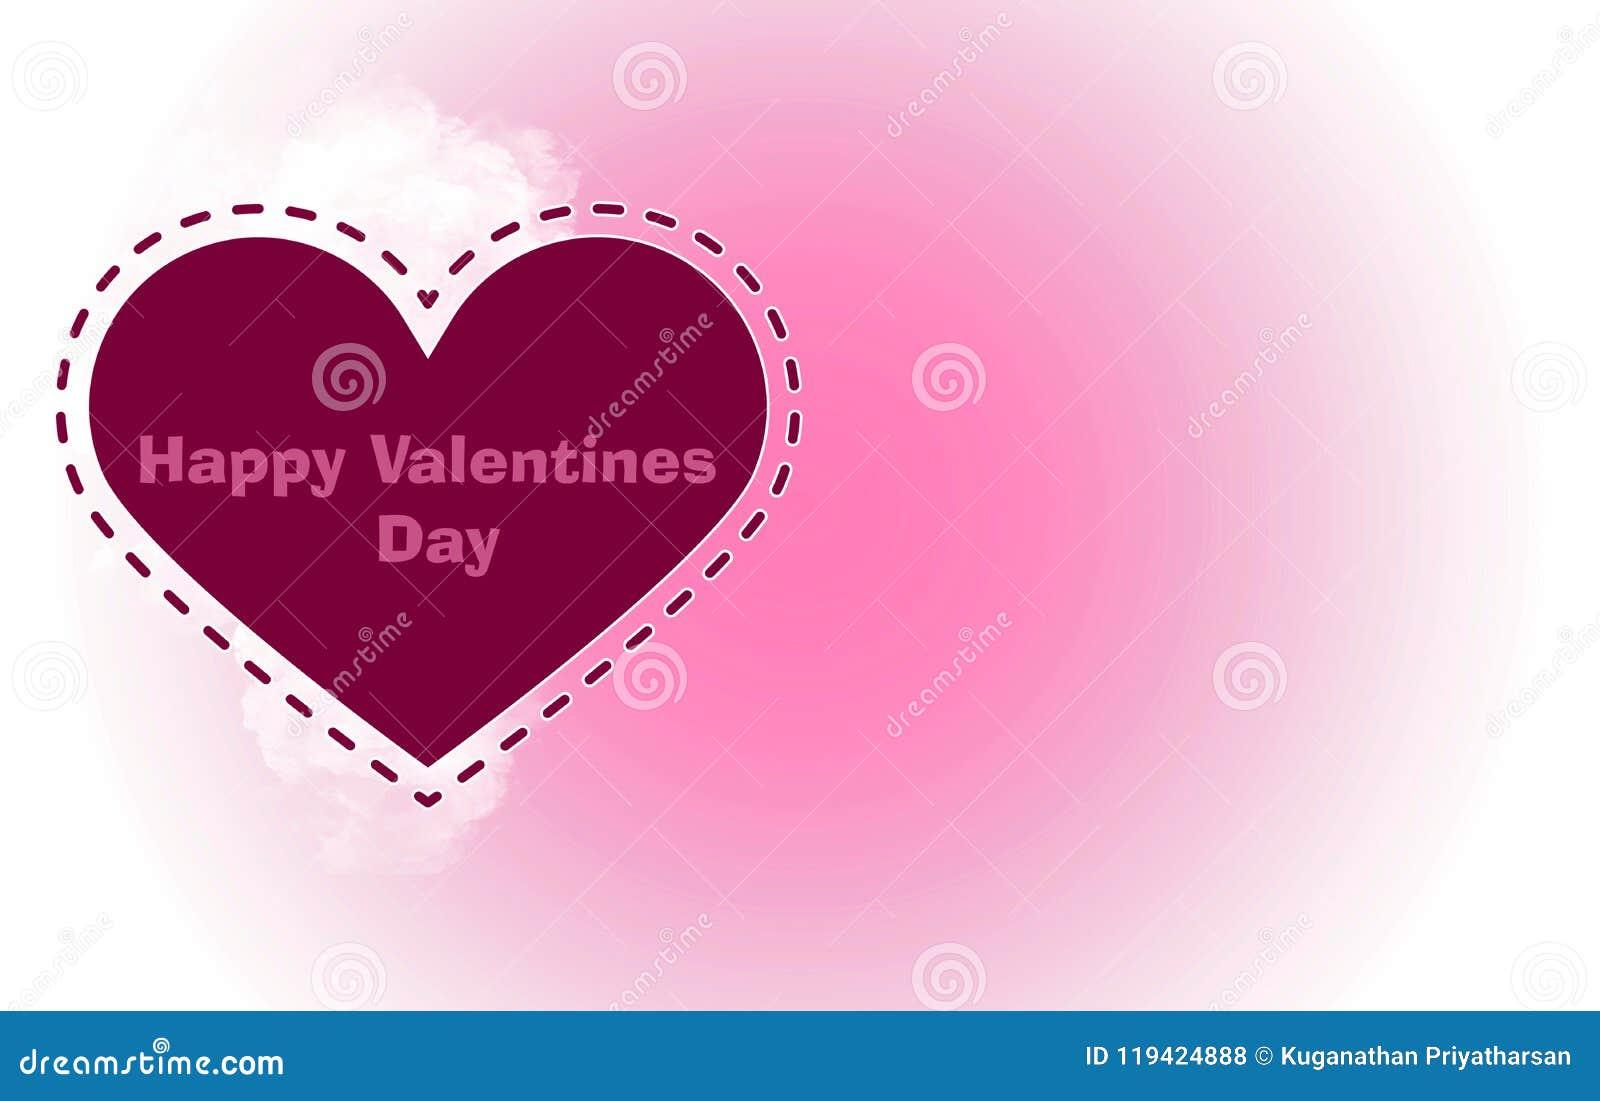 Plantilla para el día del ` s de la tarjeta del día de San Valentín